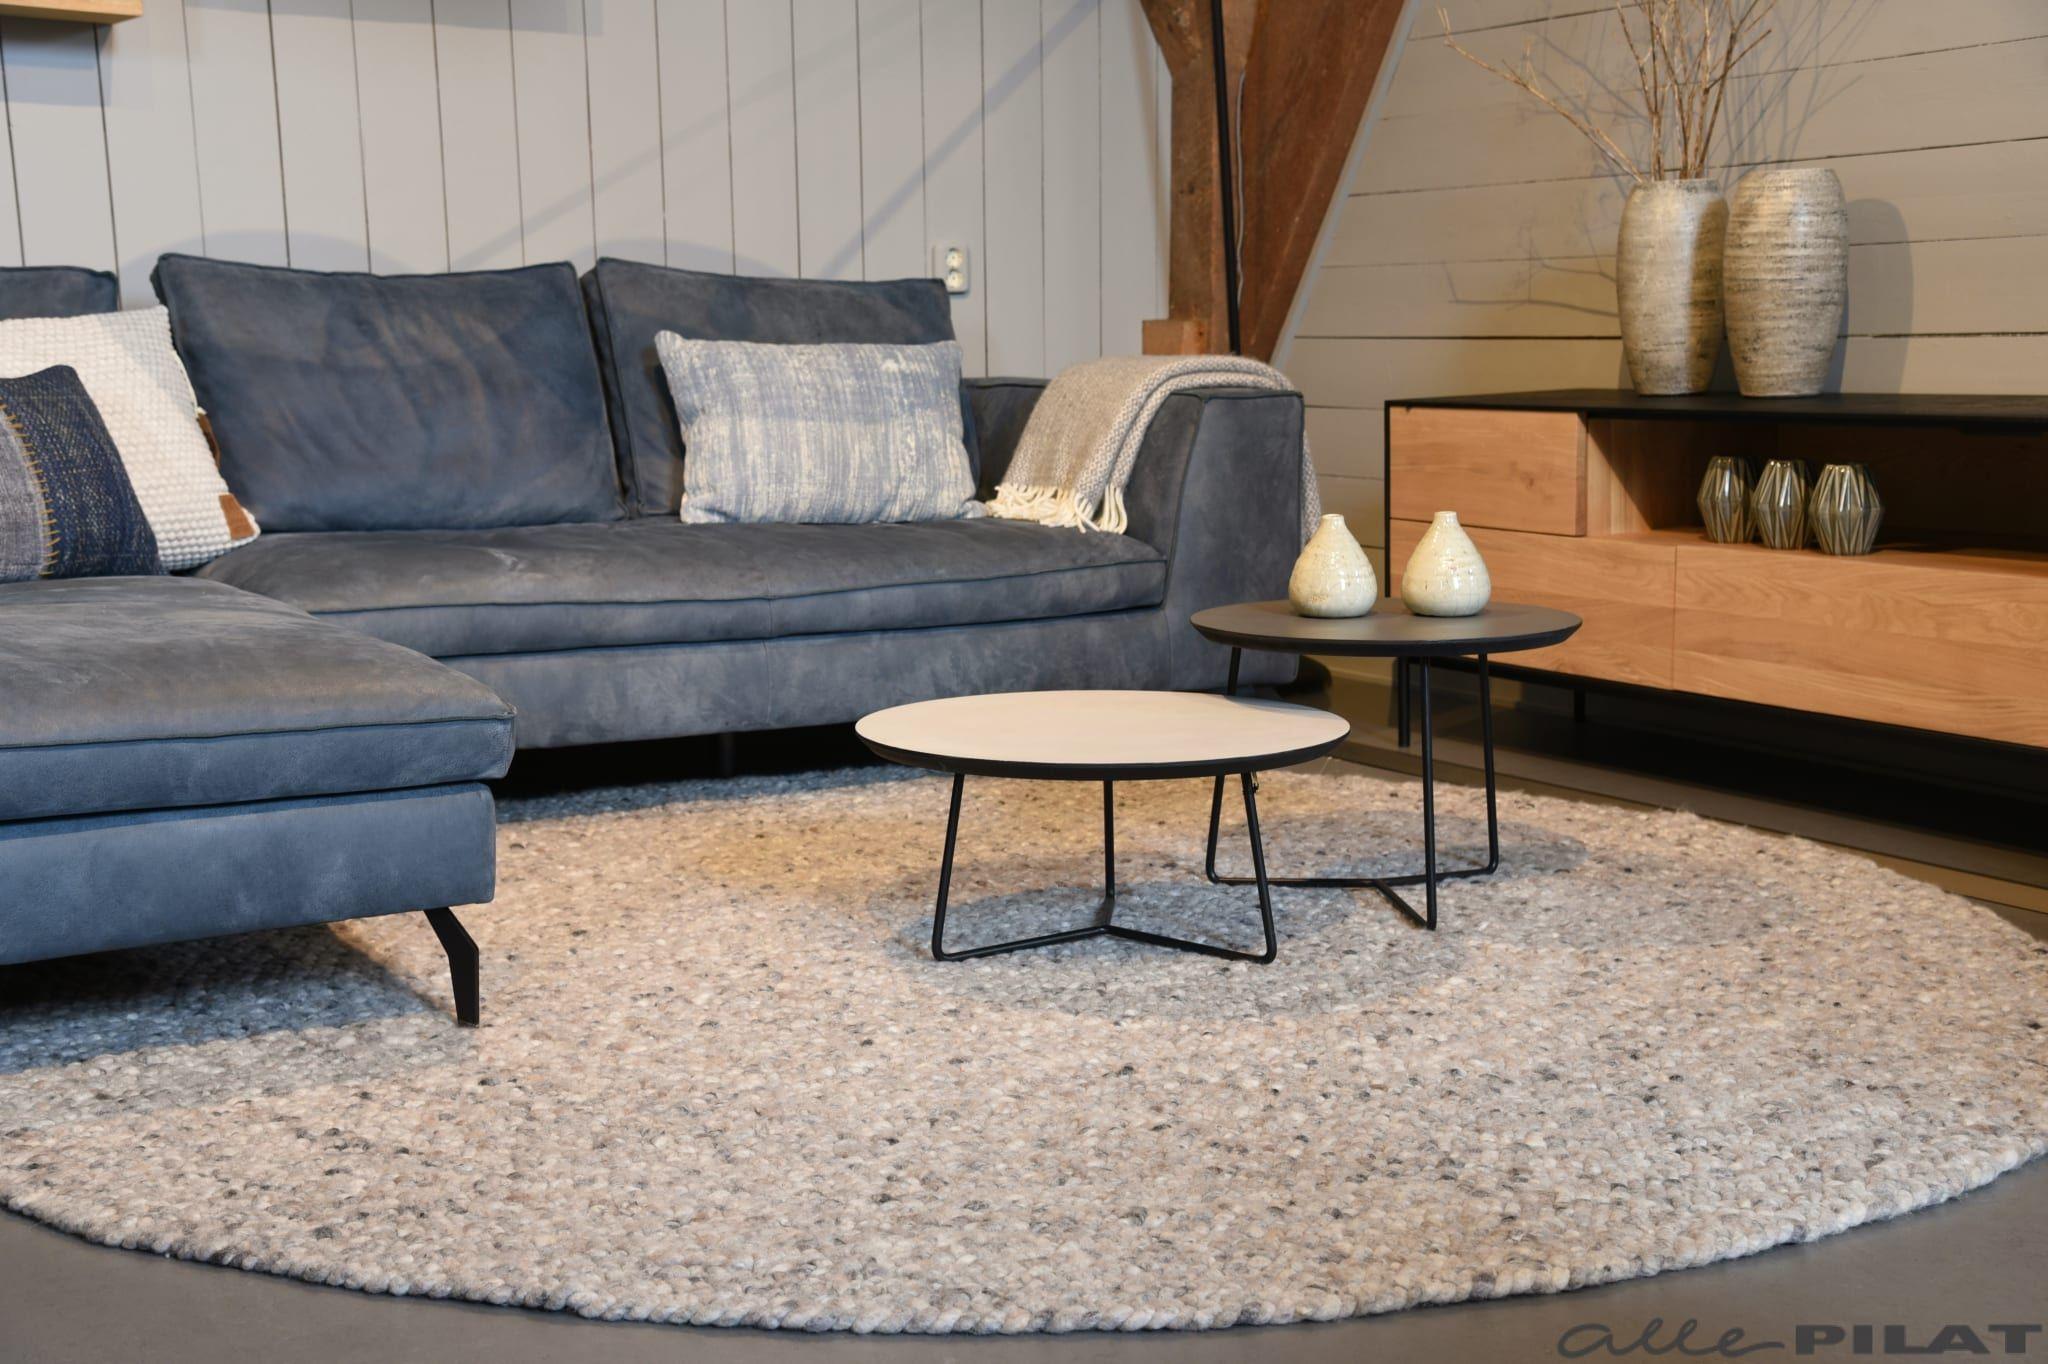 Wollen vloerkleed rond geheel op maat mogelijk woonwinkel in 2019